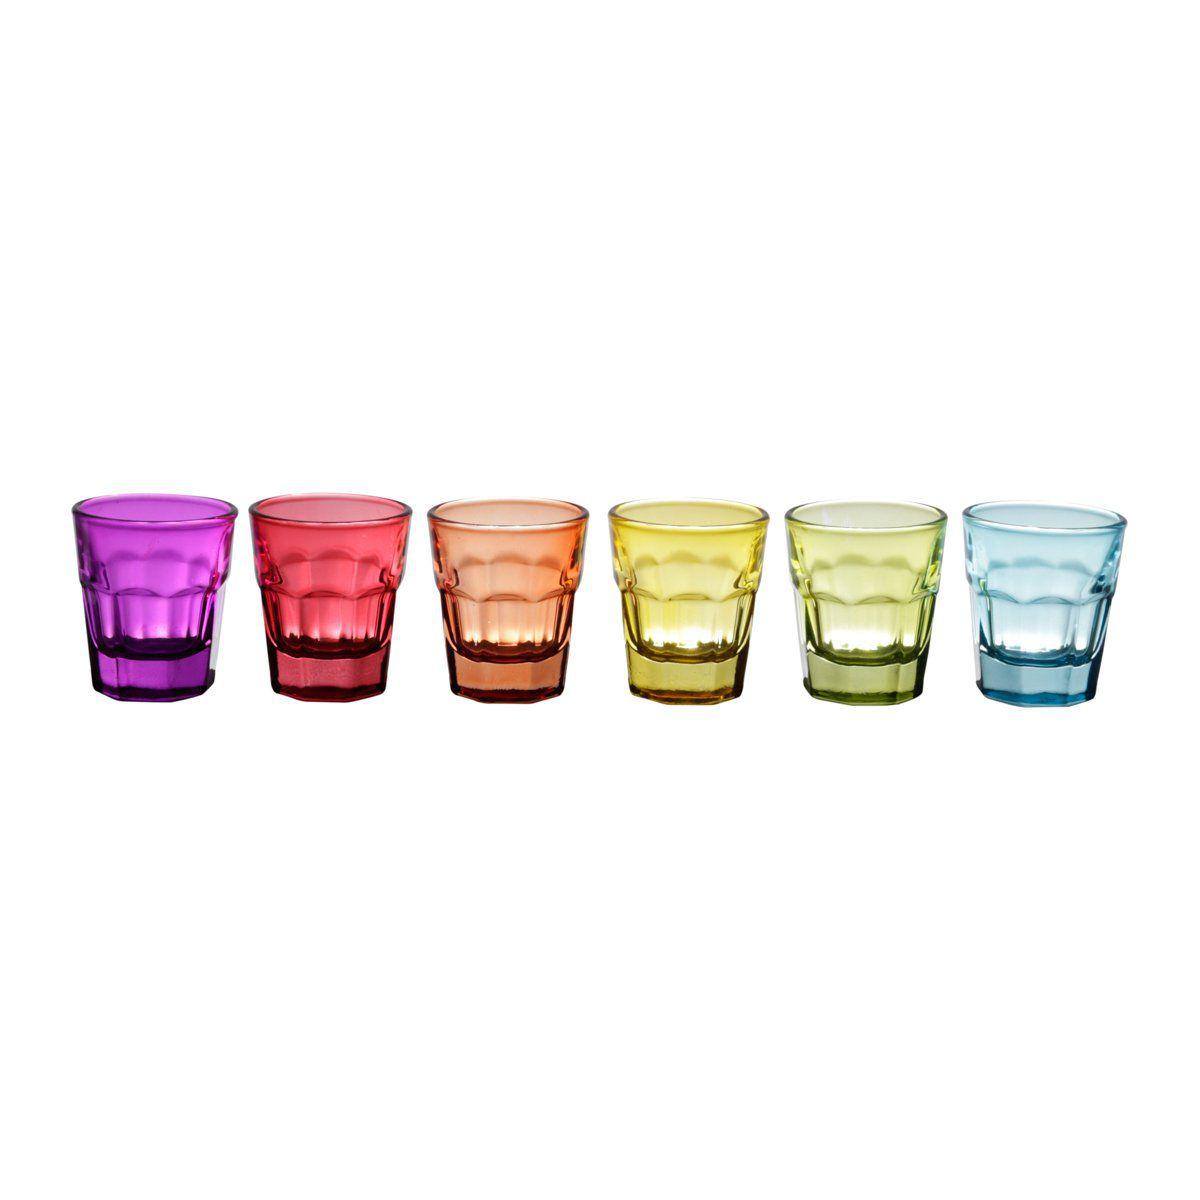 Jogo 6 copos 30ml para shot de vidro faces coloridos Lyor - L6740